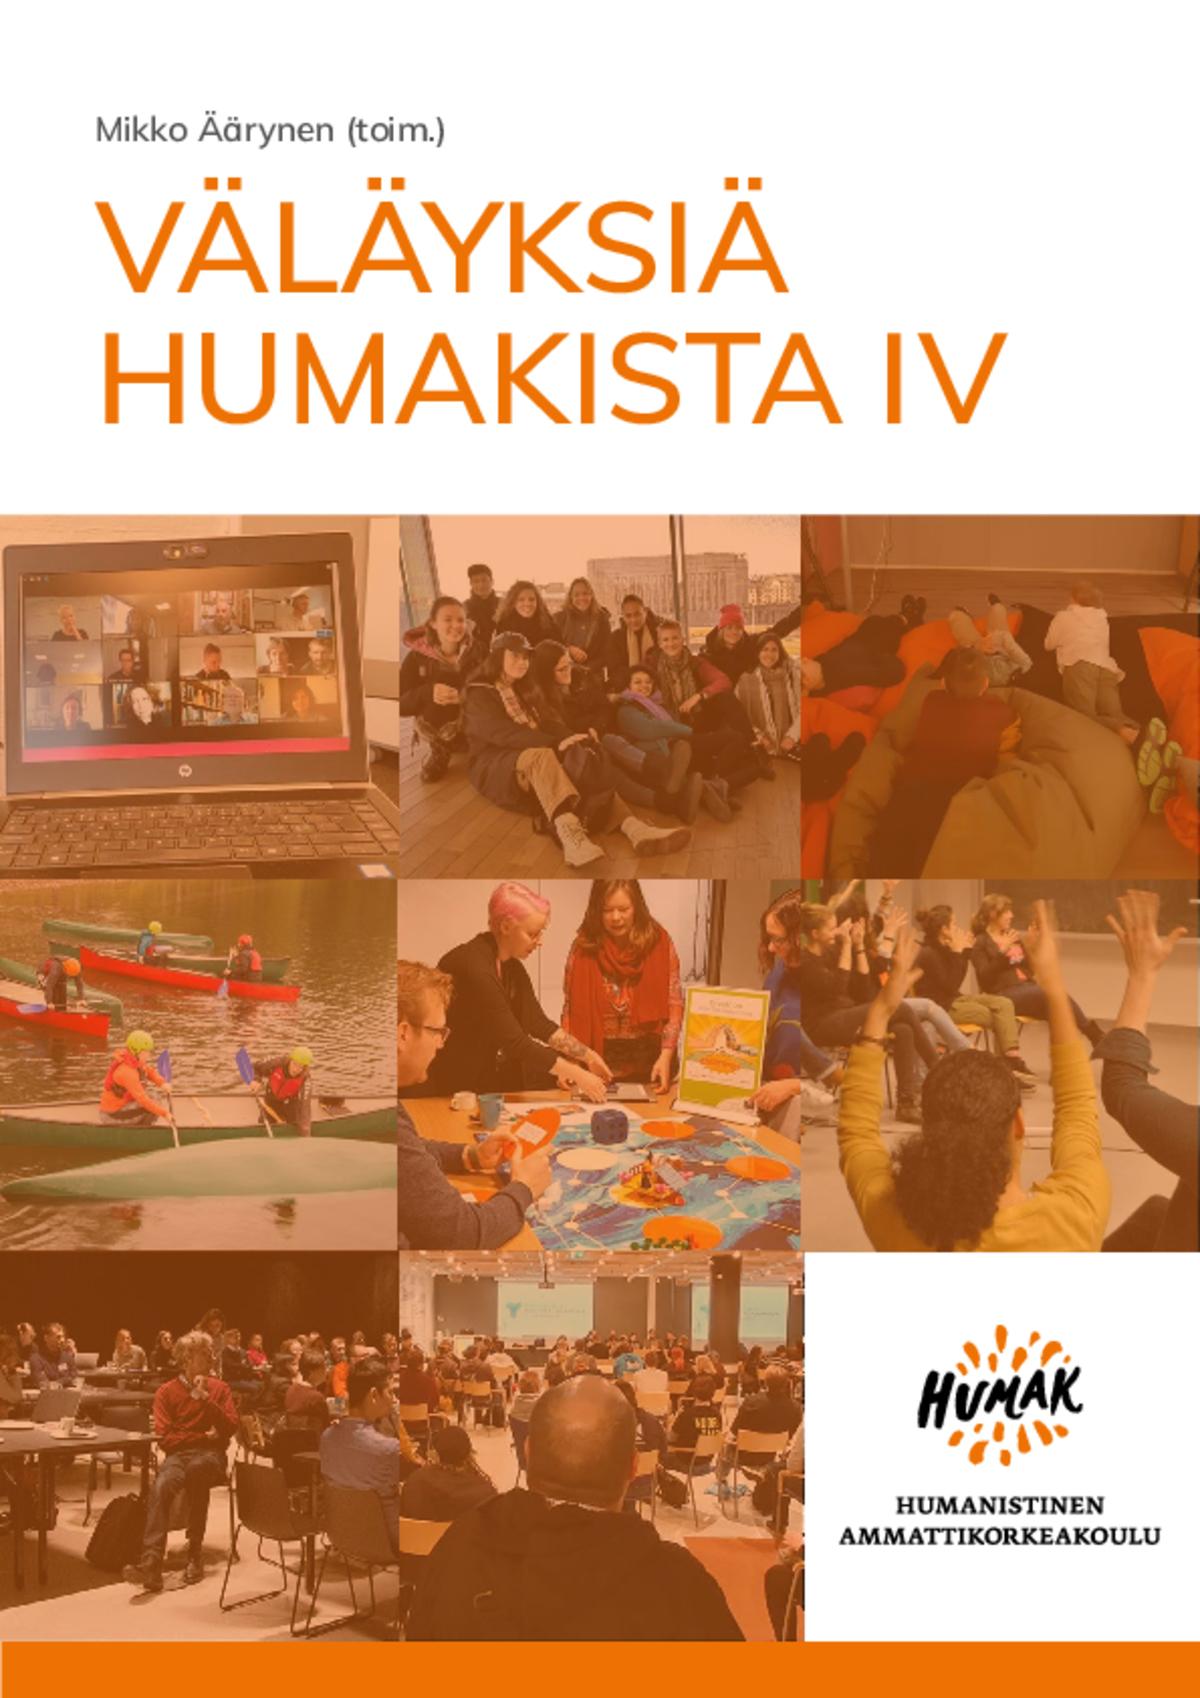 Väläyksiä Humakista IV